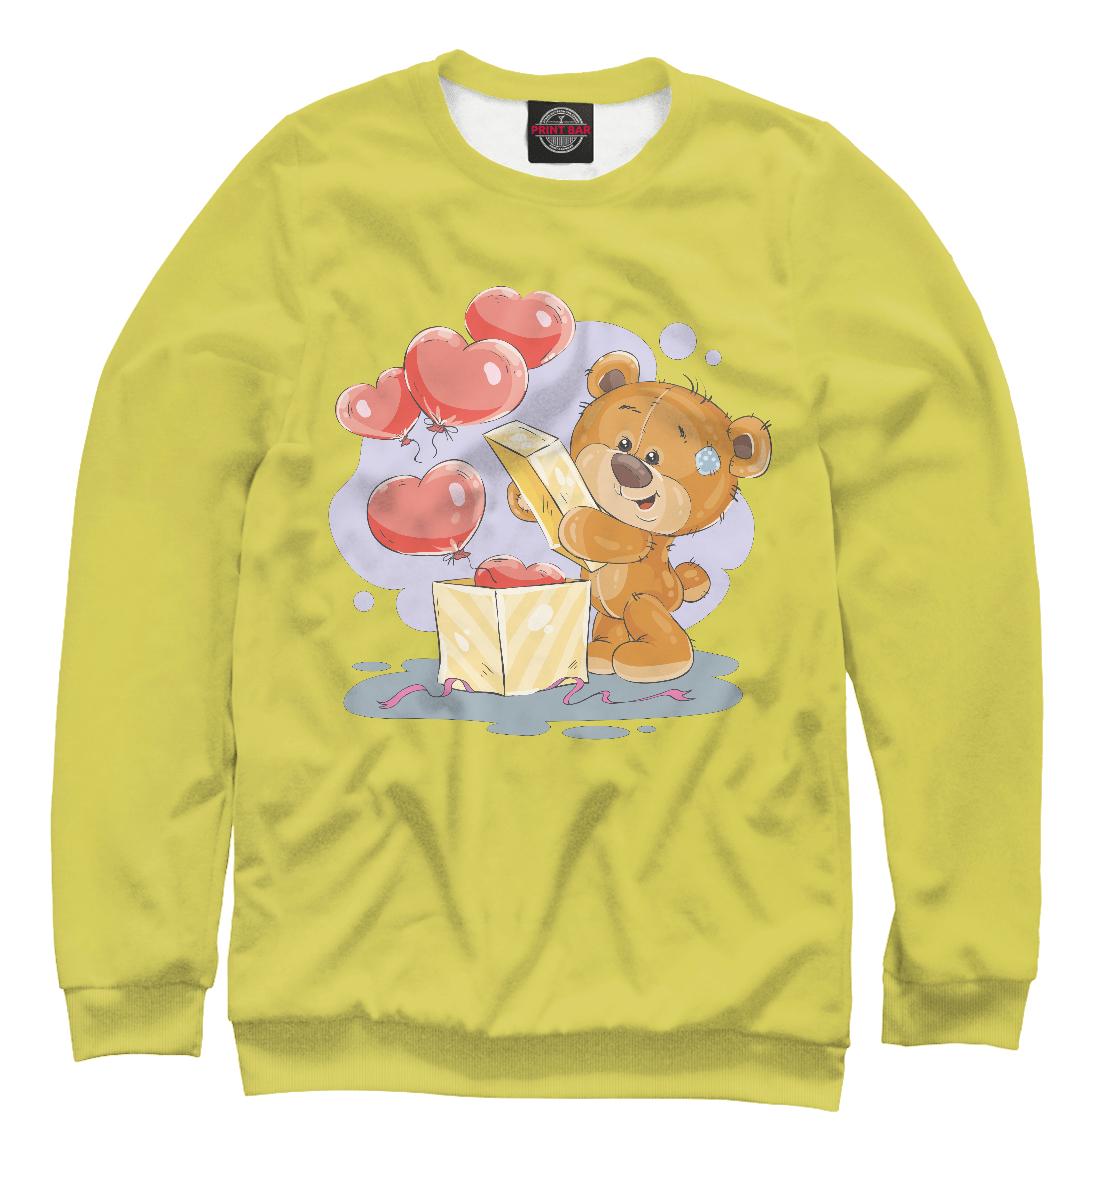 Купить Праздник у Тедди, Printbar, Свитшоты, APD-986482-swi-2